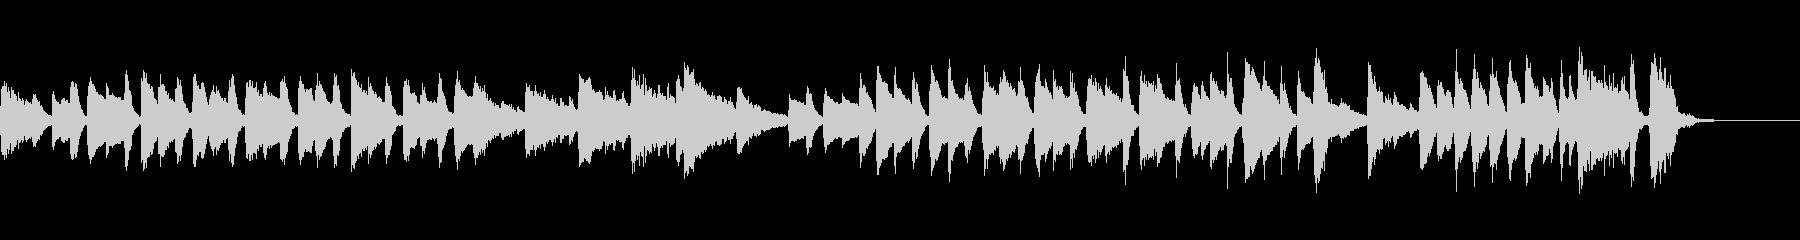 あっけない幕切れのピアノワルツ/生演奏の未再生の波形